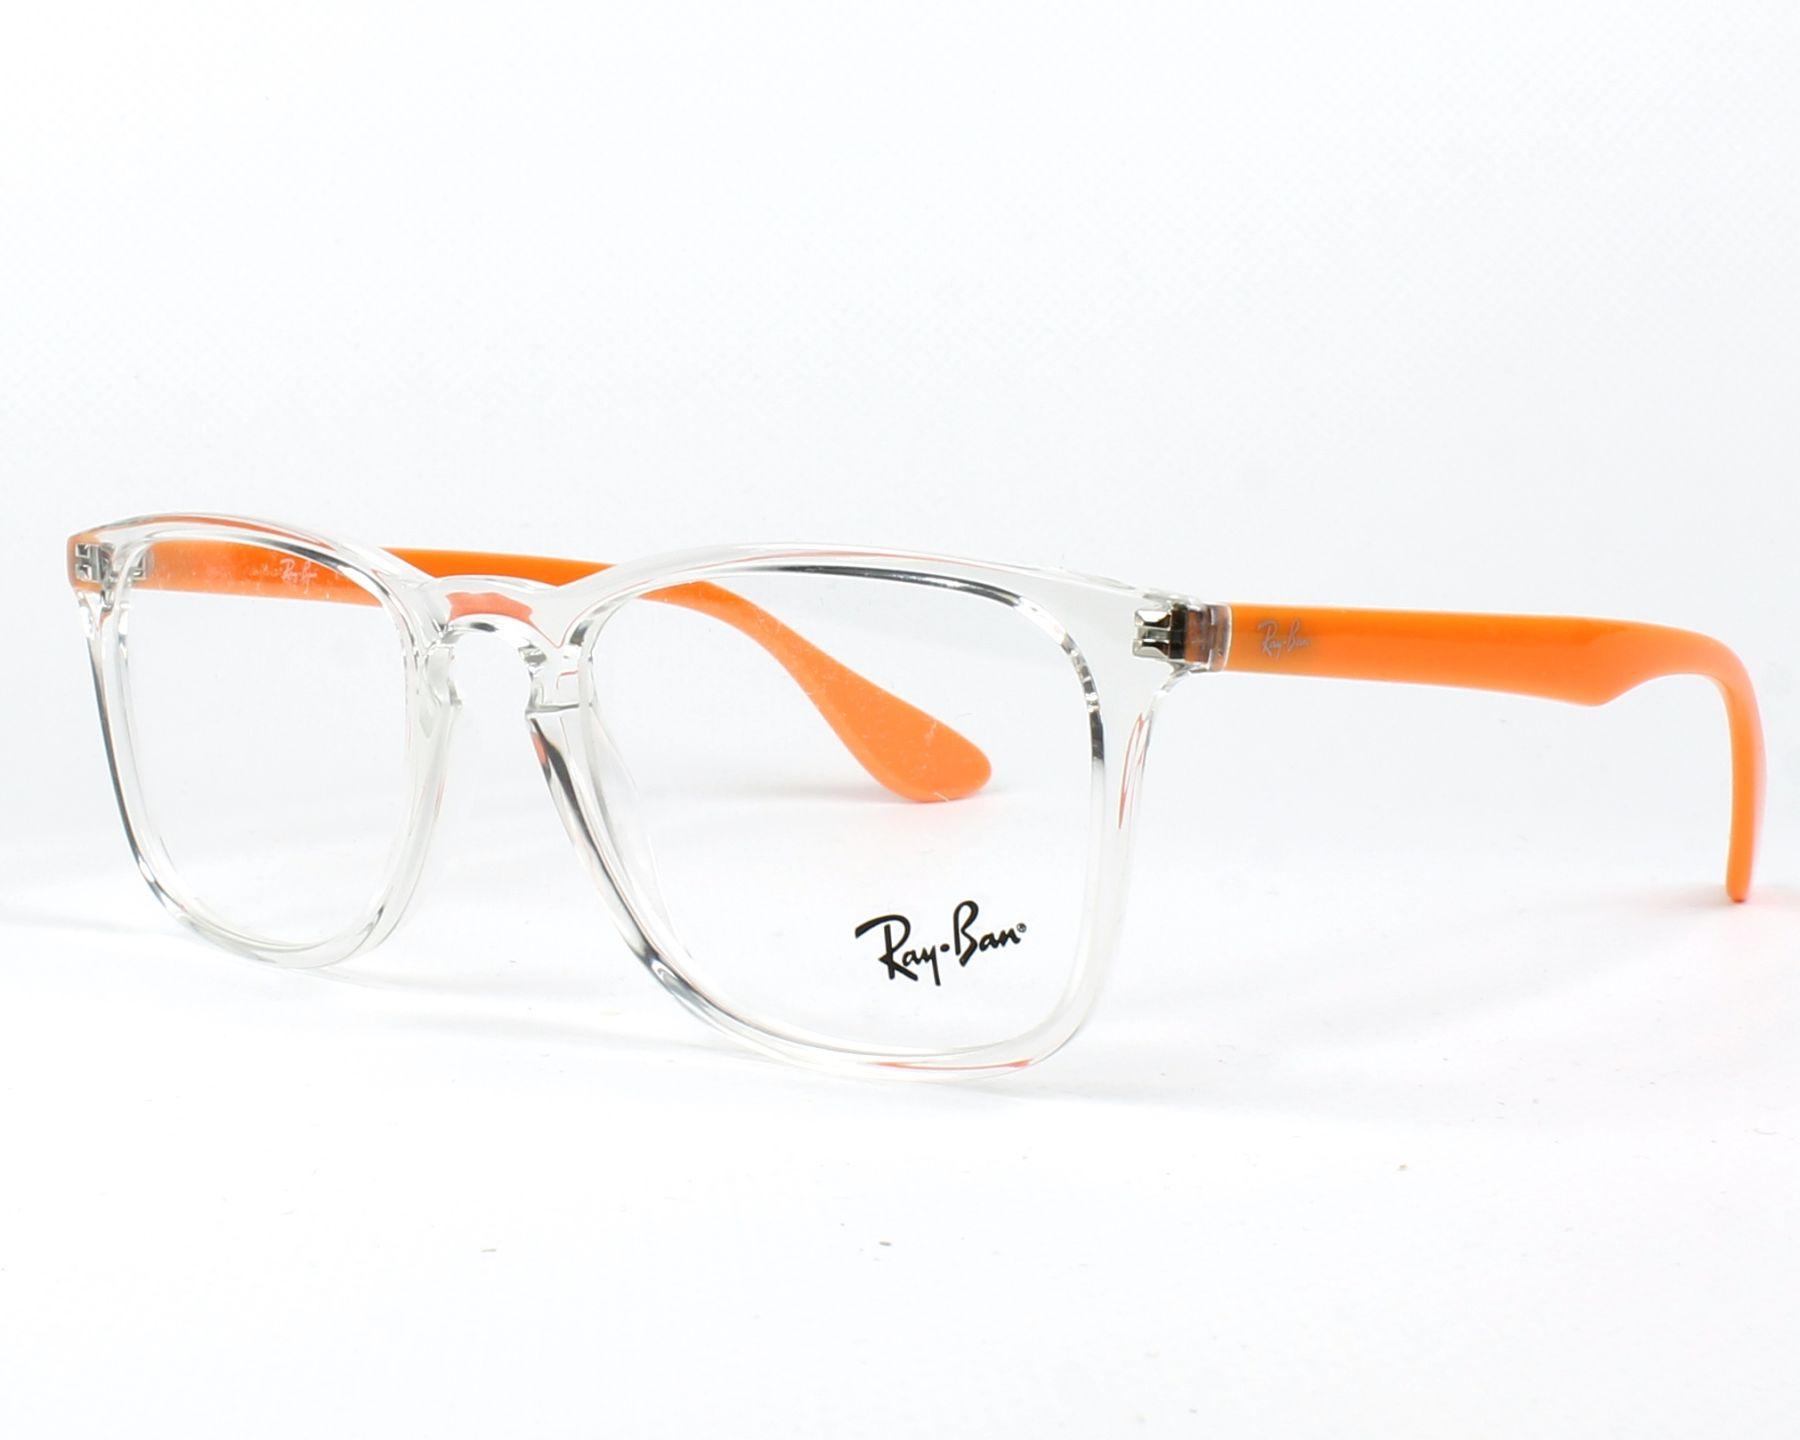 375dfa8dc18 Lunettes de vue Ray-Ban RX-7074 5736 50-18 Cristal Orange vue